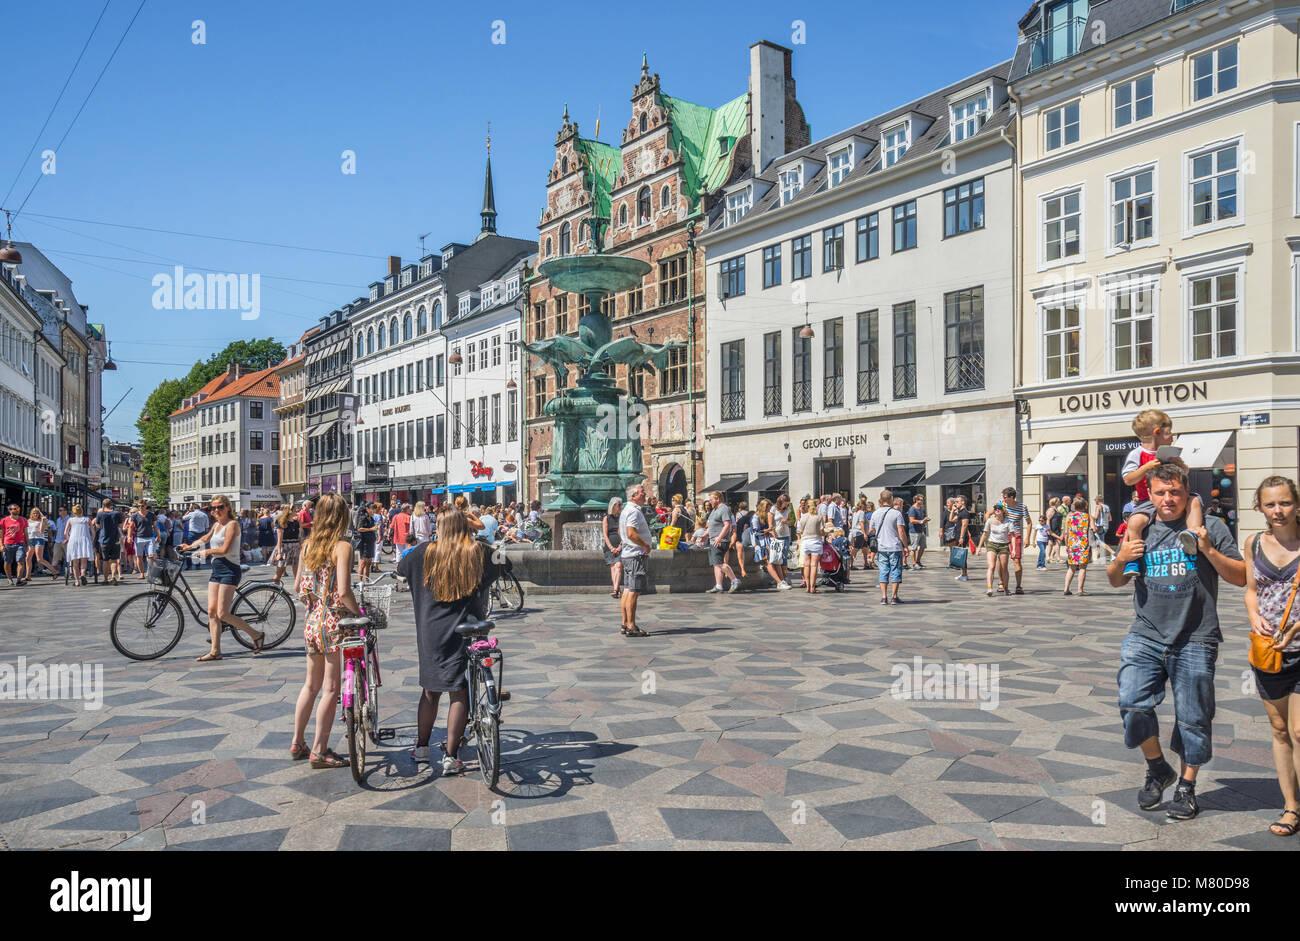 Denmark, Zealand, Copenhagen, view of the Stork Fountain on Amanger Square in the heart of Copenhagen - Stock Image